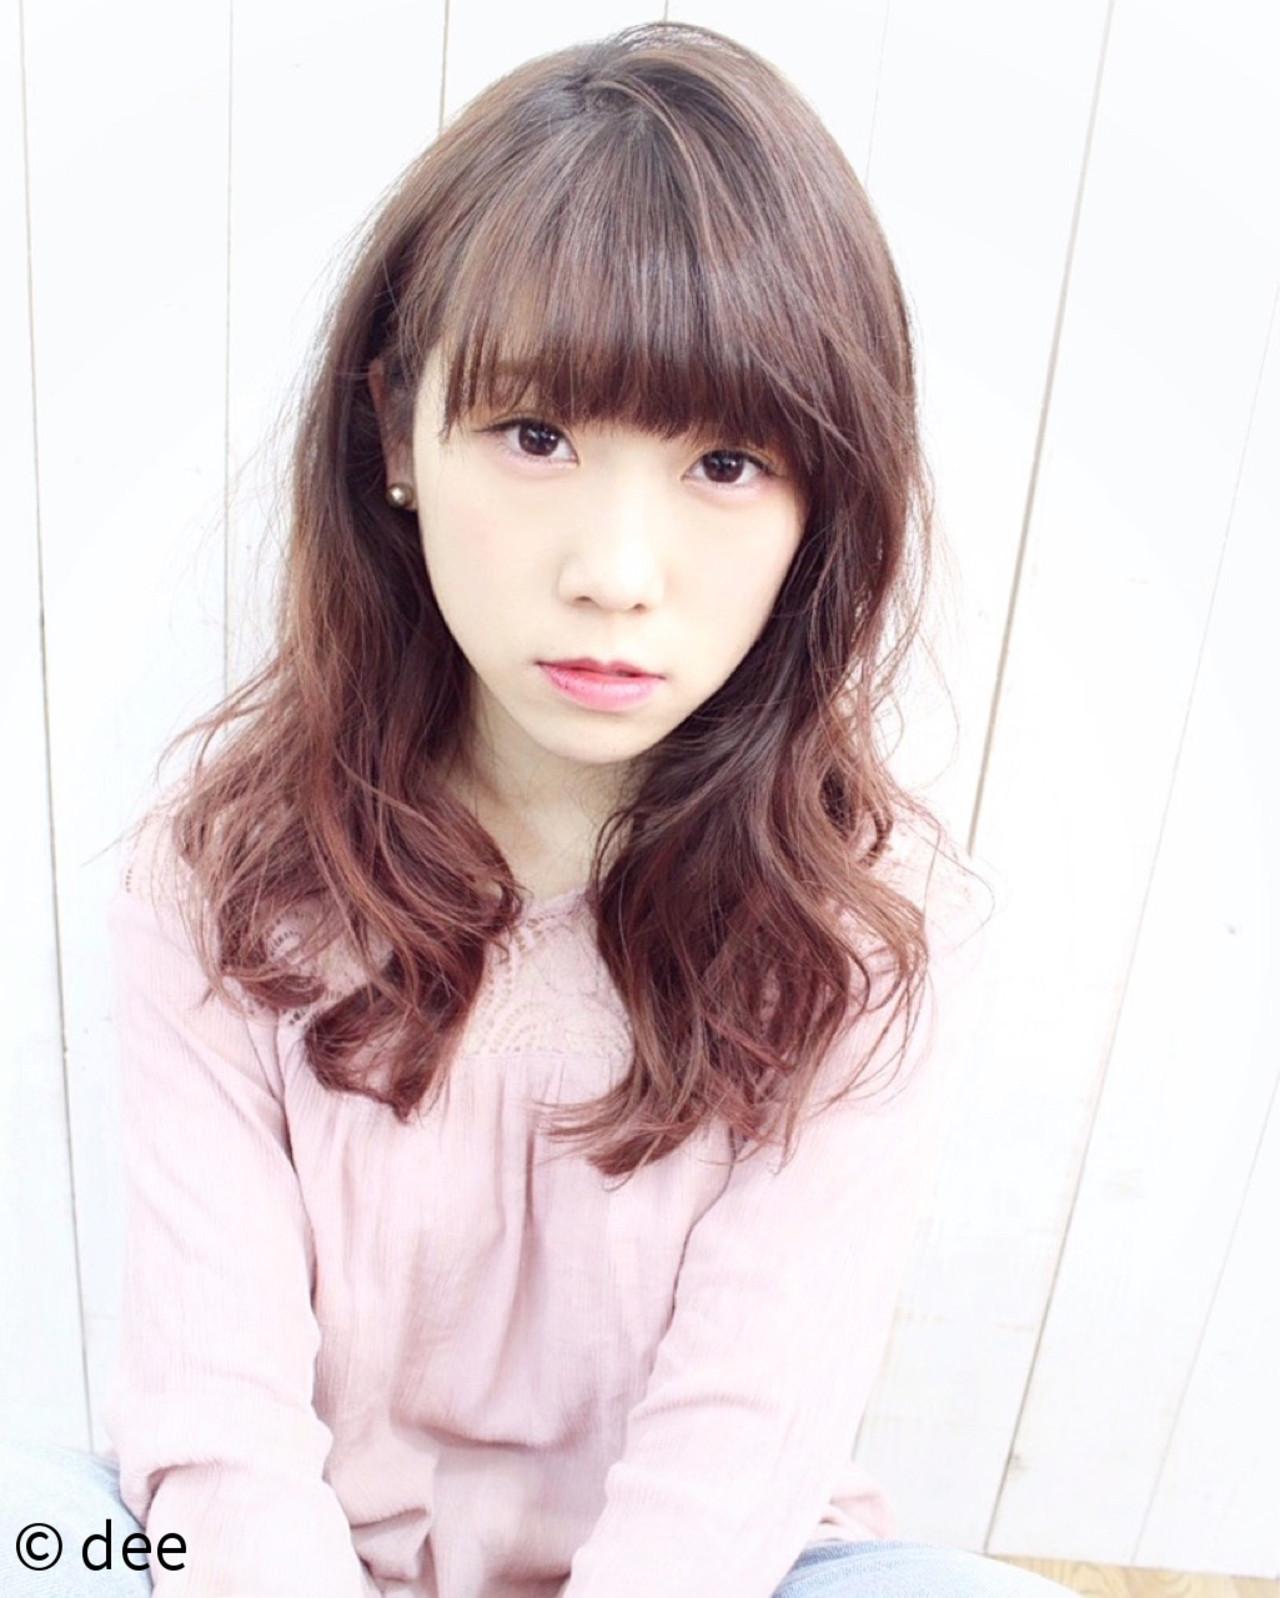 ほんのりピンク系カラーが女の子♪ dee | dee